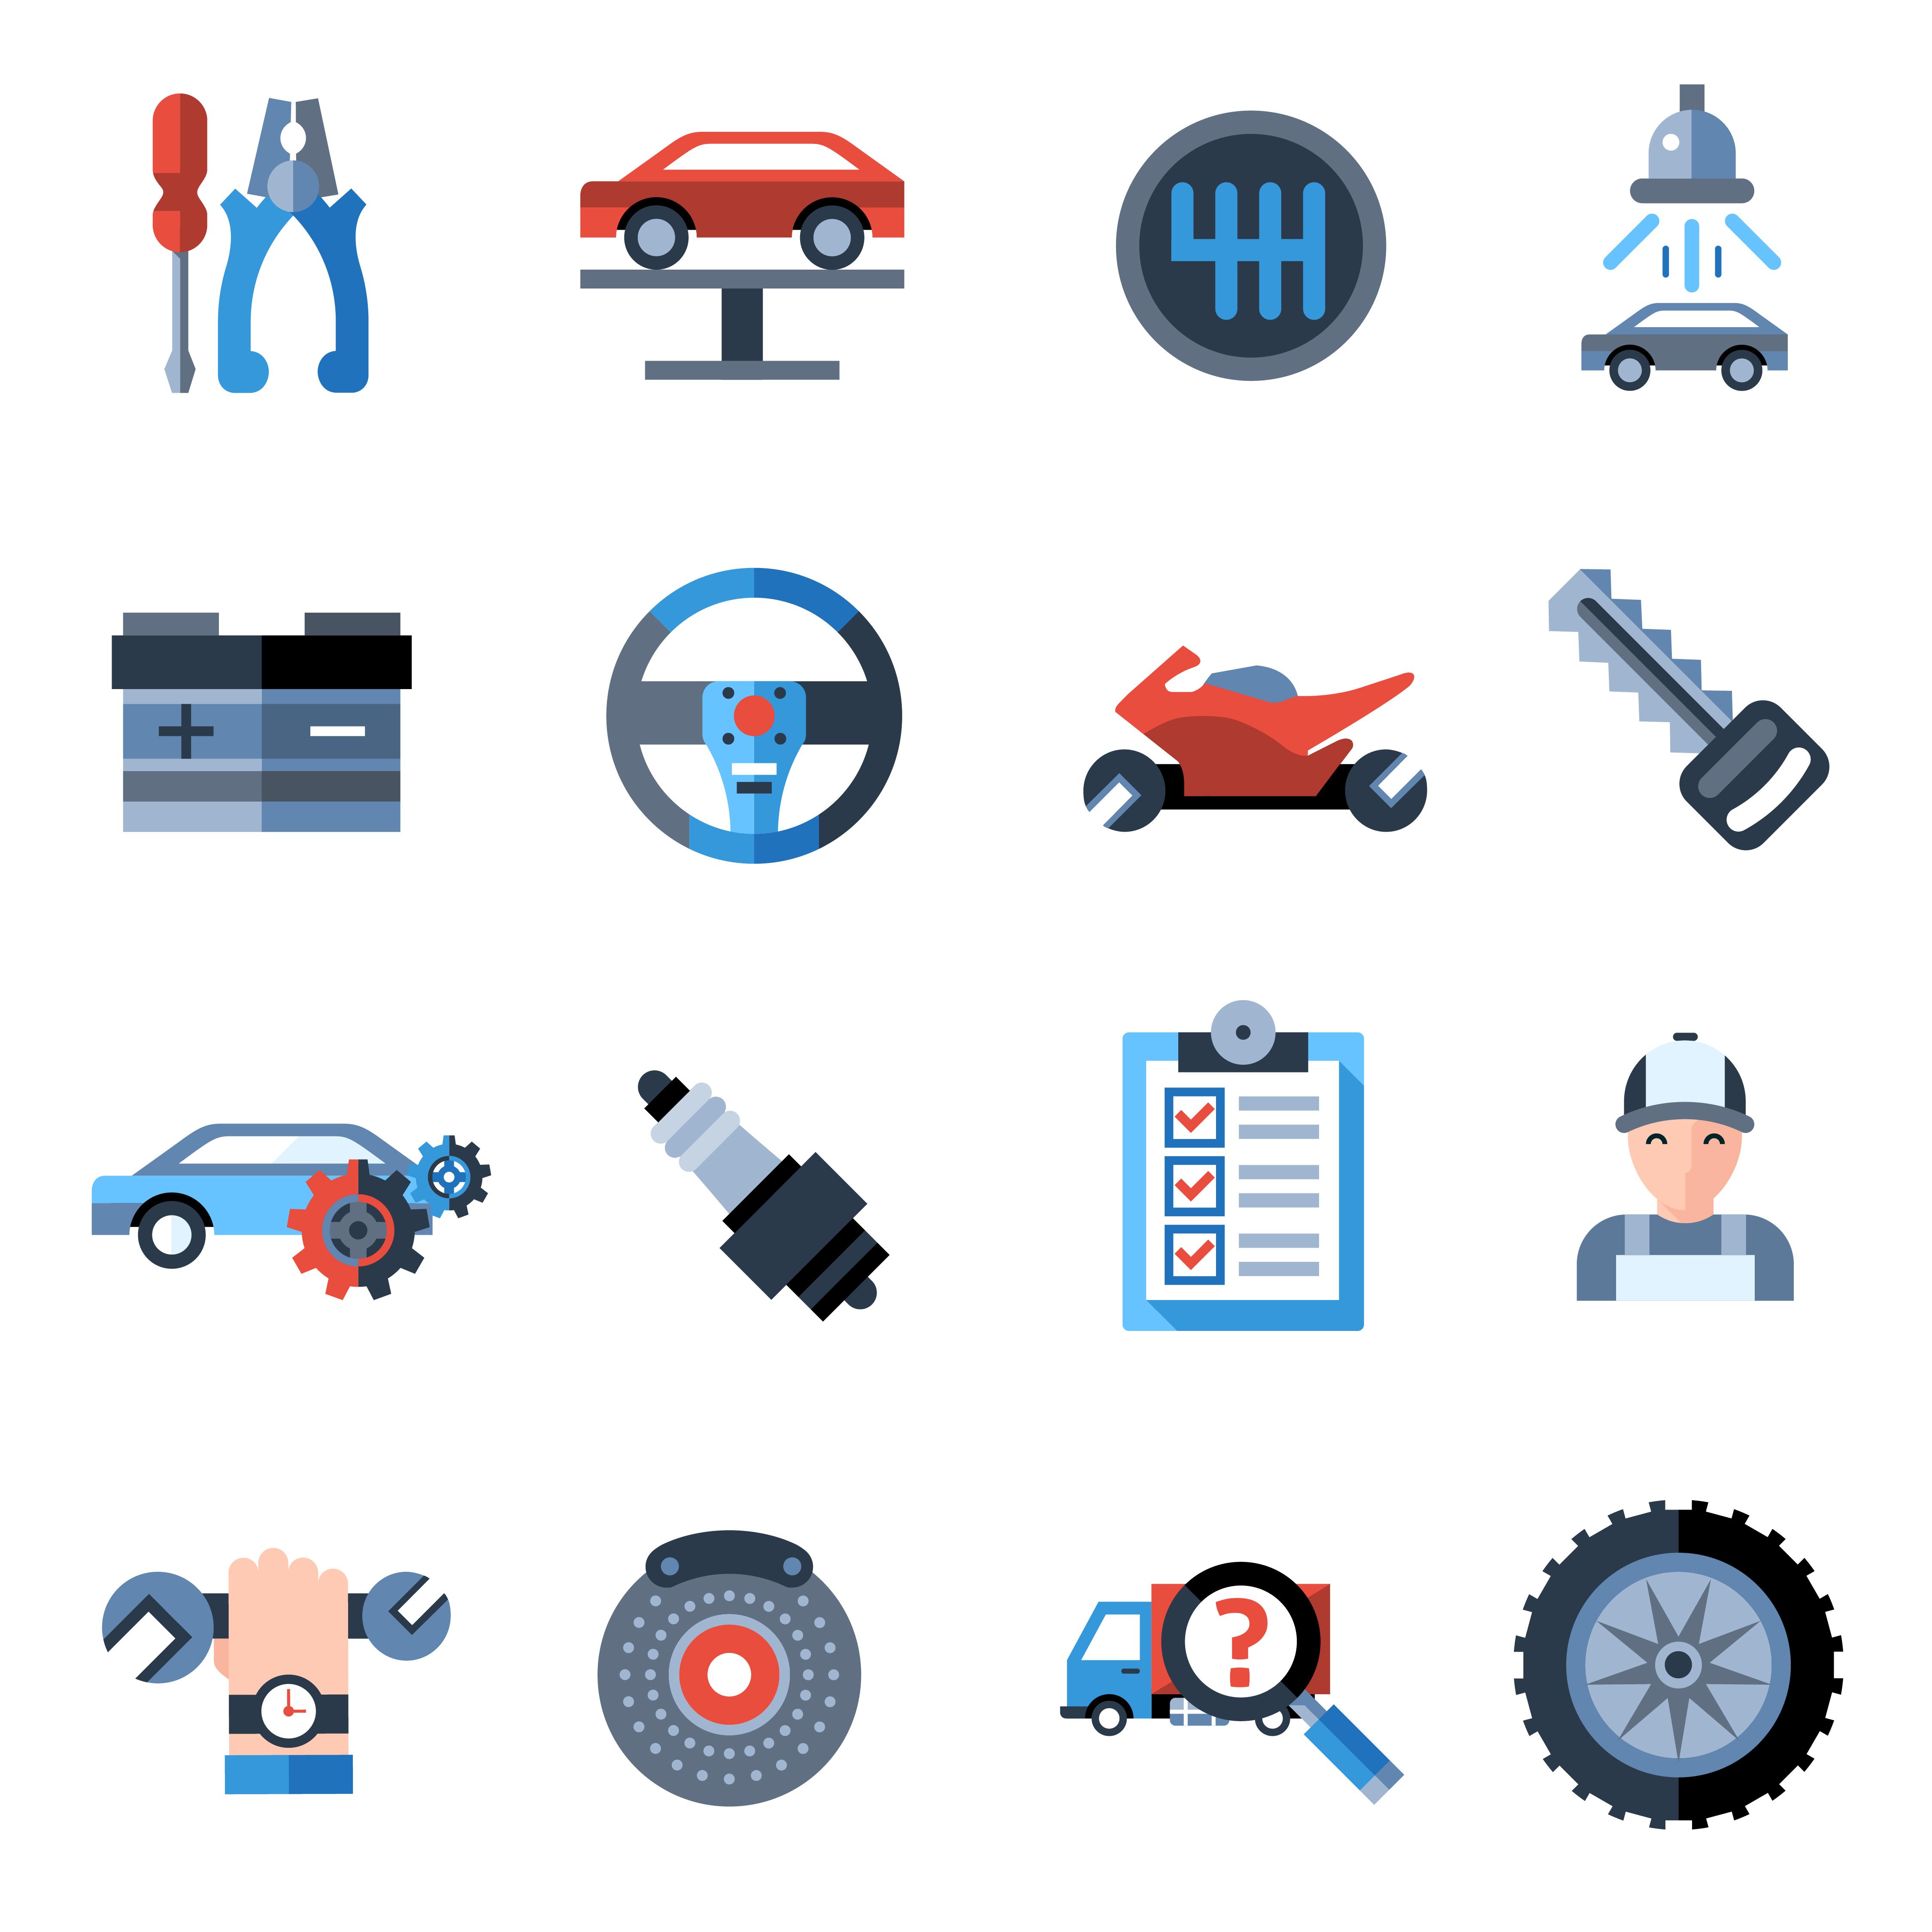 Car Repair Icons - Download Free Vectors, Clipart Graphics ...